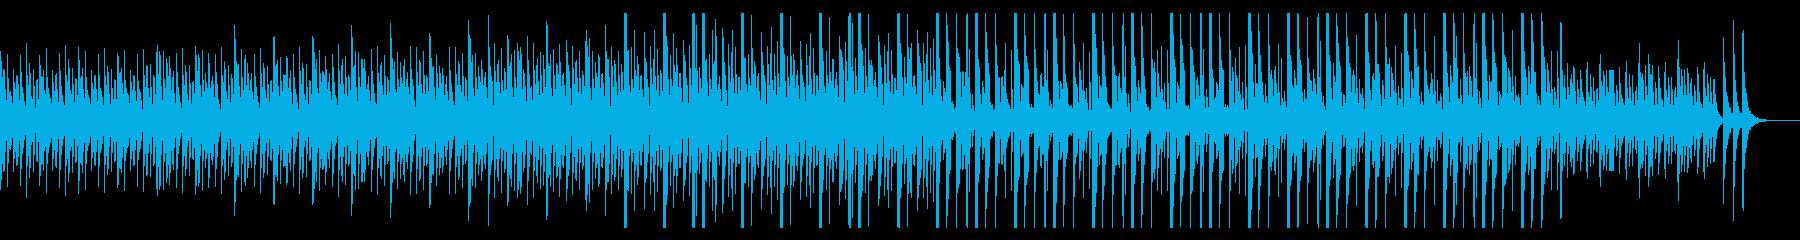 独特なリズムで可愛いらしいメロディーの再生済みの波形